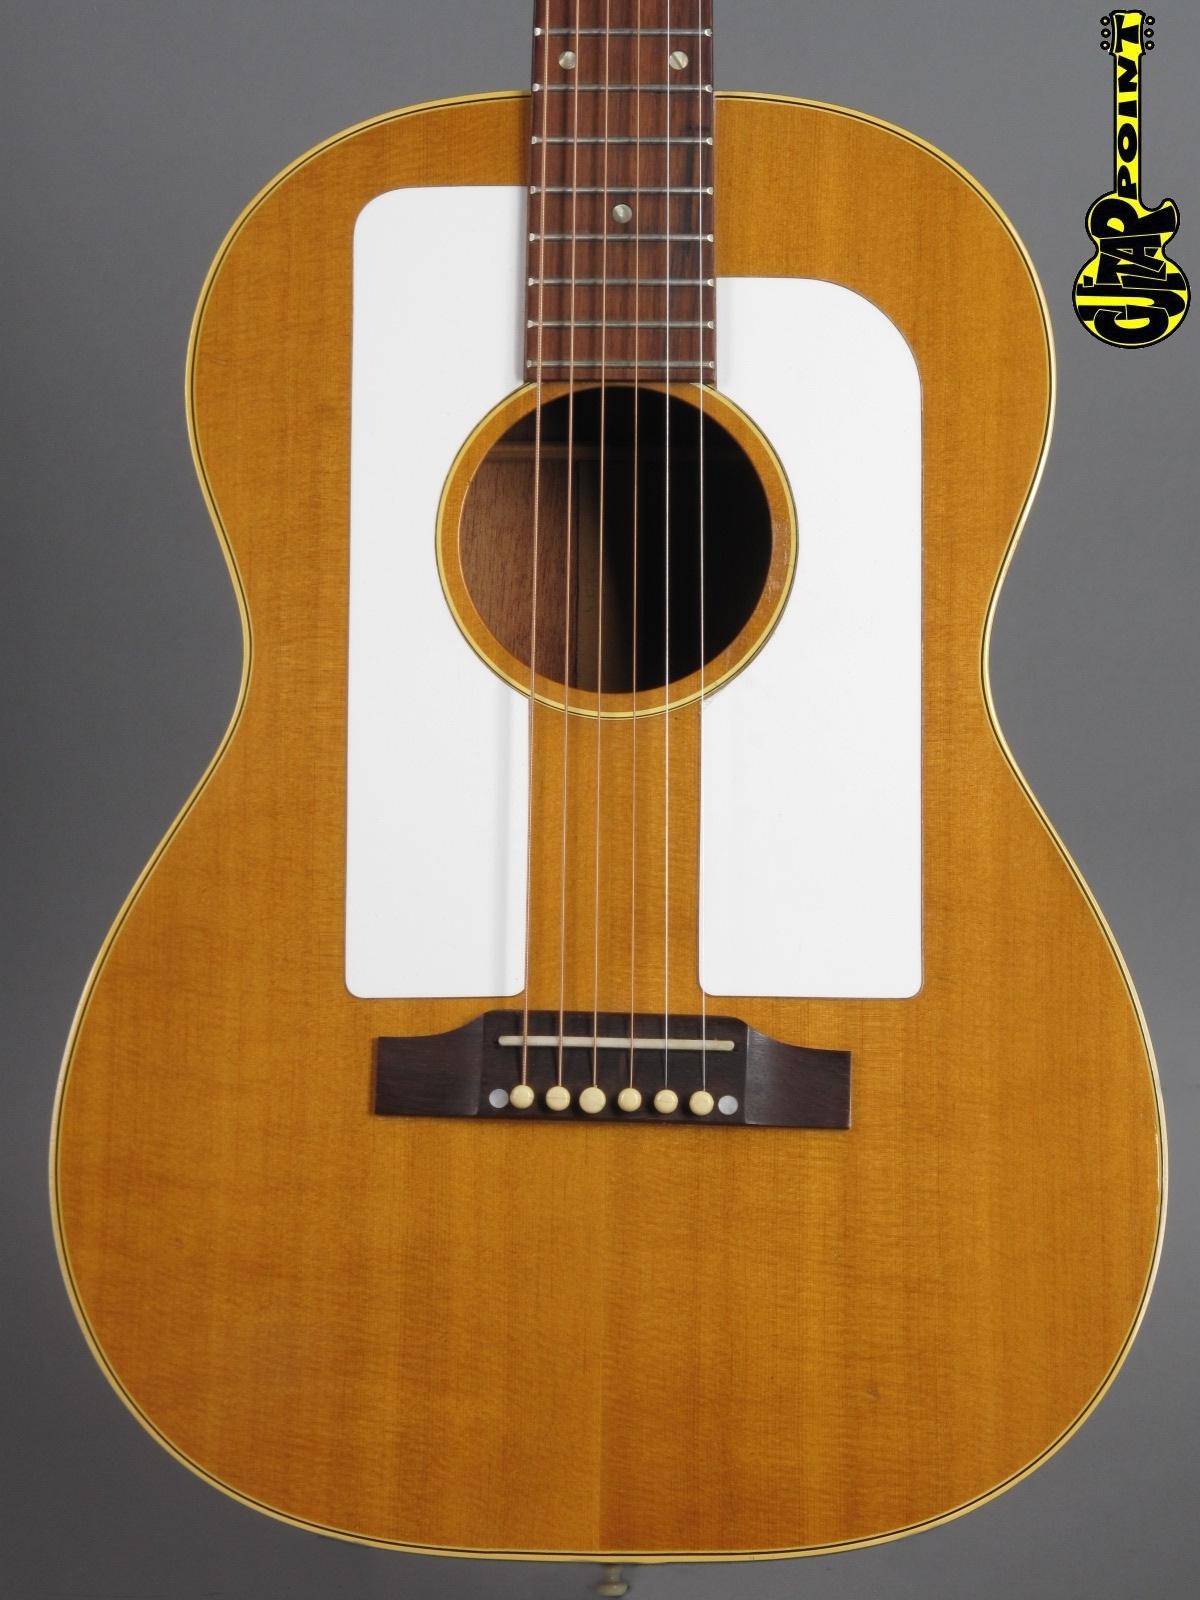 1966 Gibson F-25 Folksinger - Natural